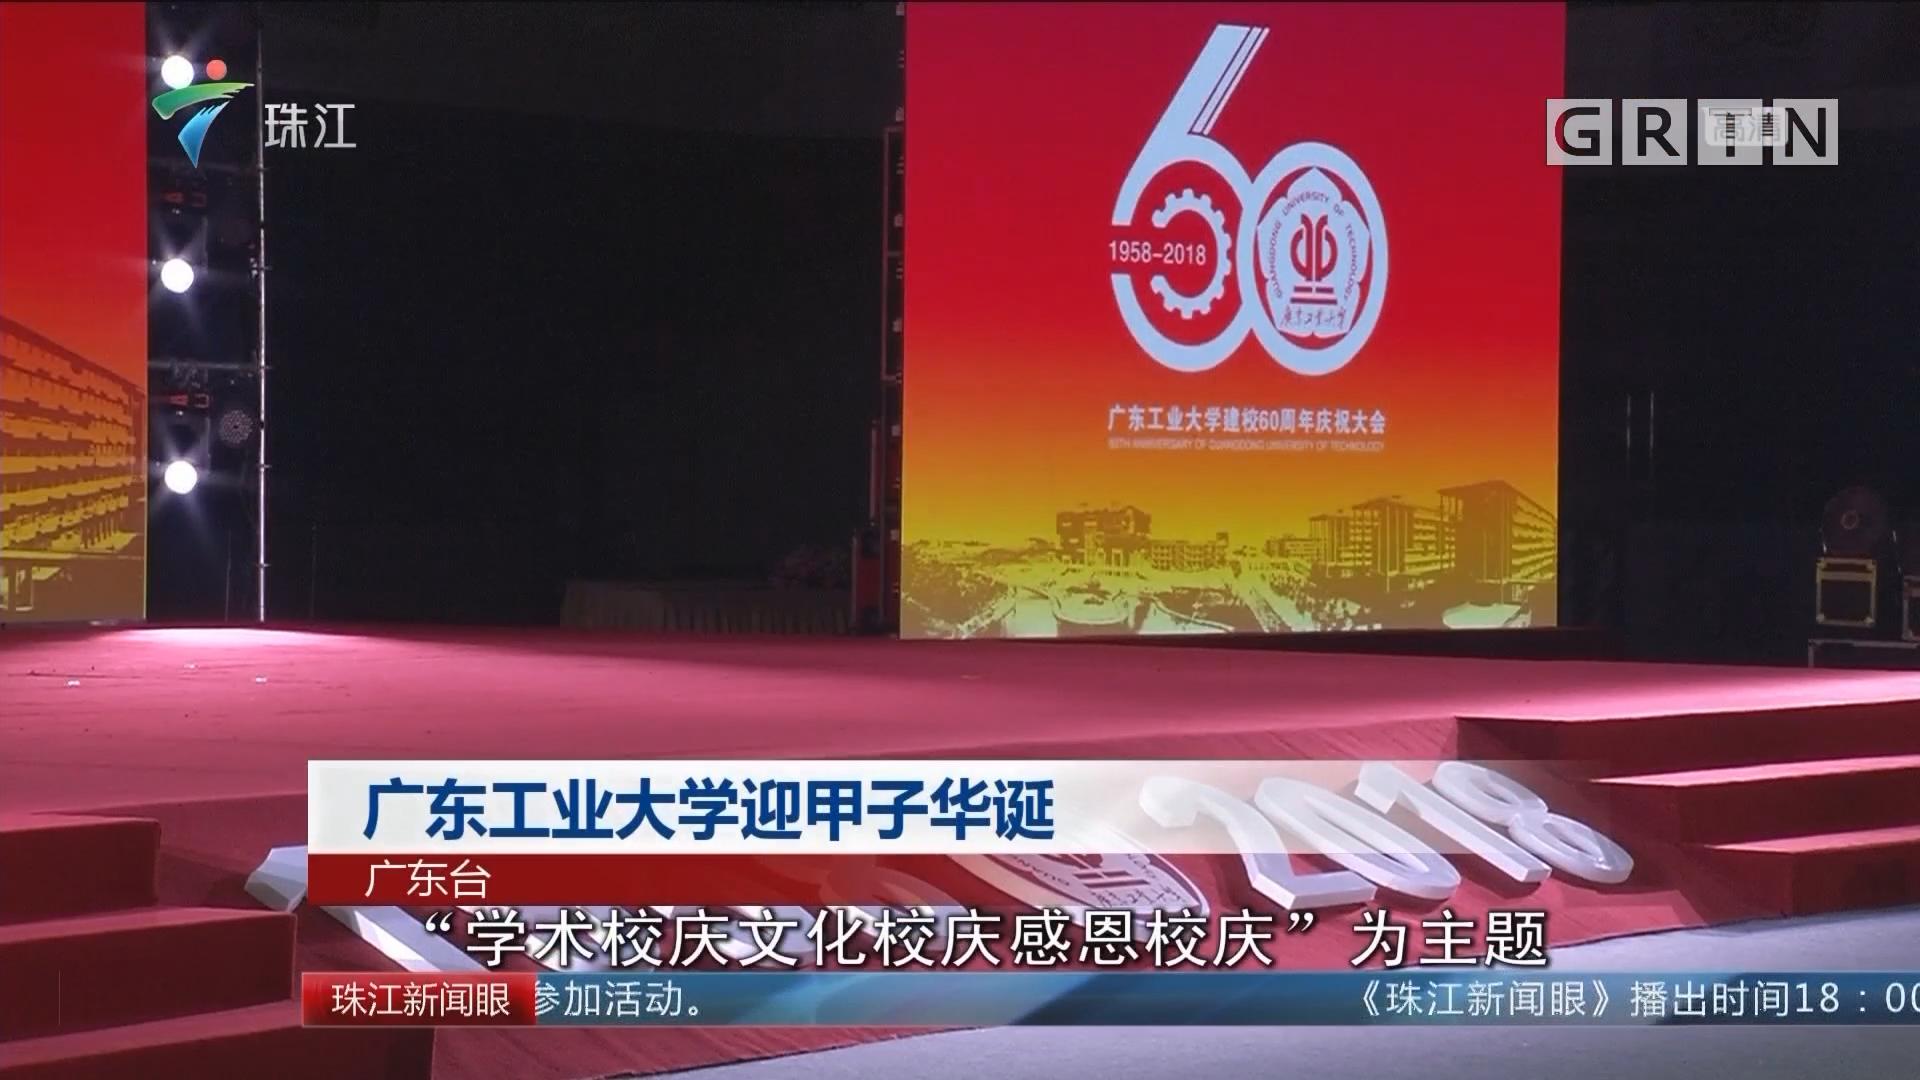 广东工业大学迎甲子华诞